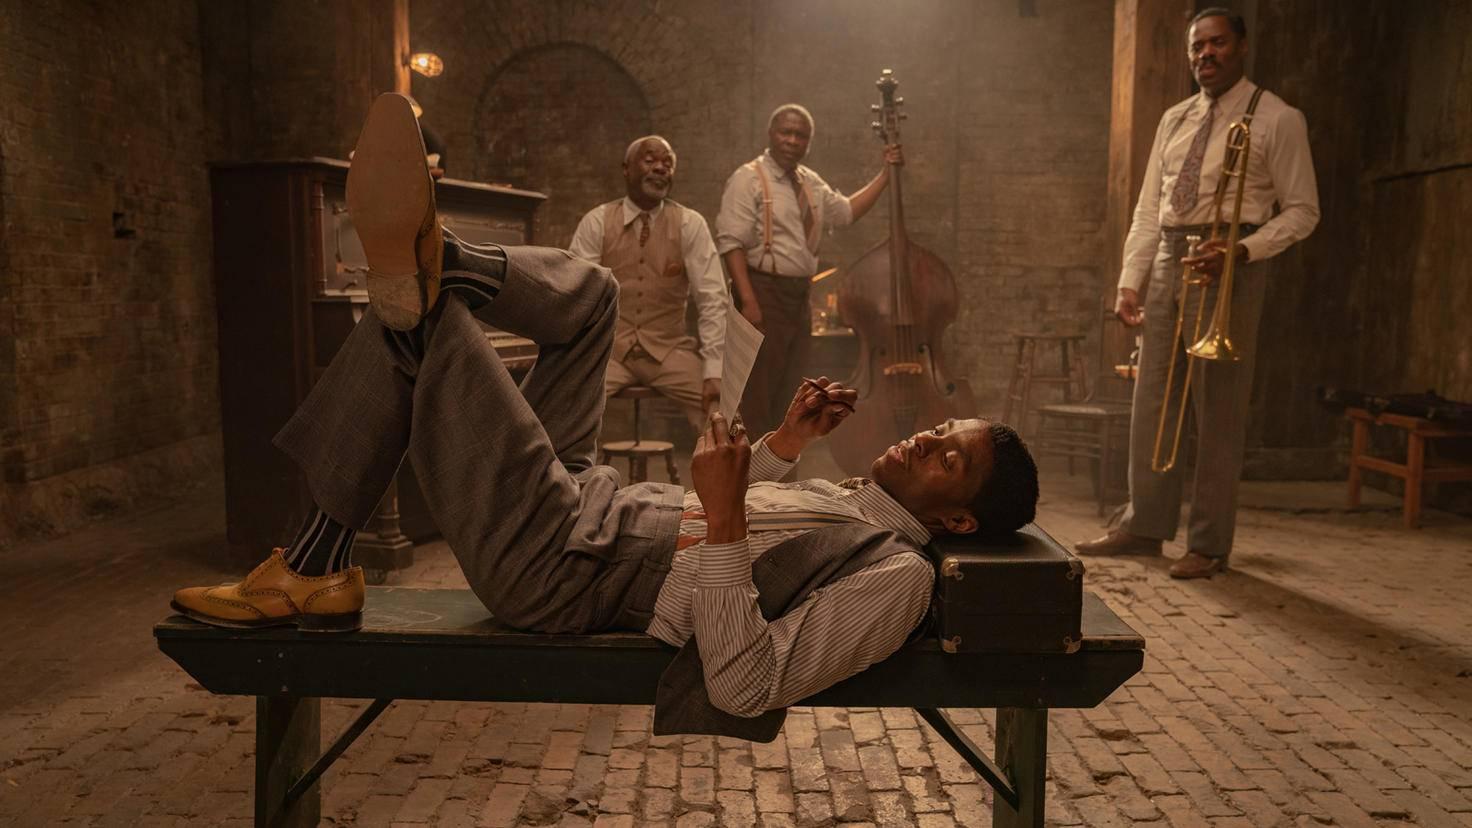 Le fond noir de Ma Rainey Chadwick Boseman dans le rôle de Levee